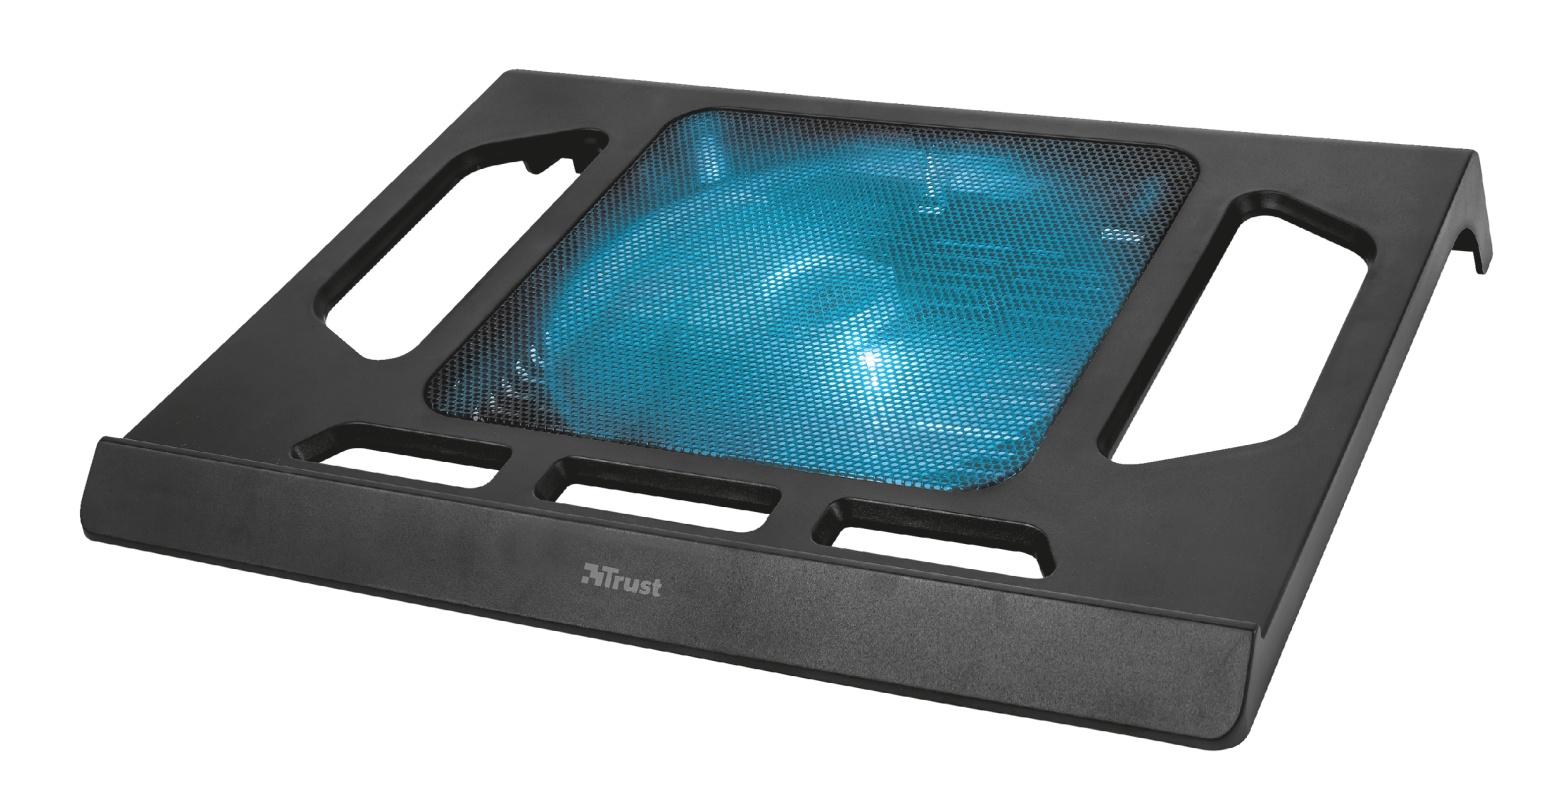 Охлаждающая подставка 21905 Trust KUZO подсветка стол подставка для ноутбука crown cmls 101 до 17 с вентилятором серебристая